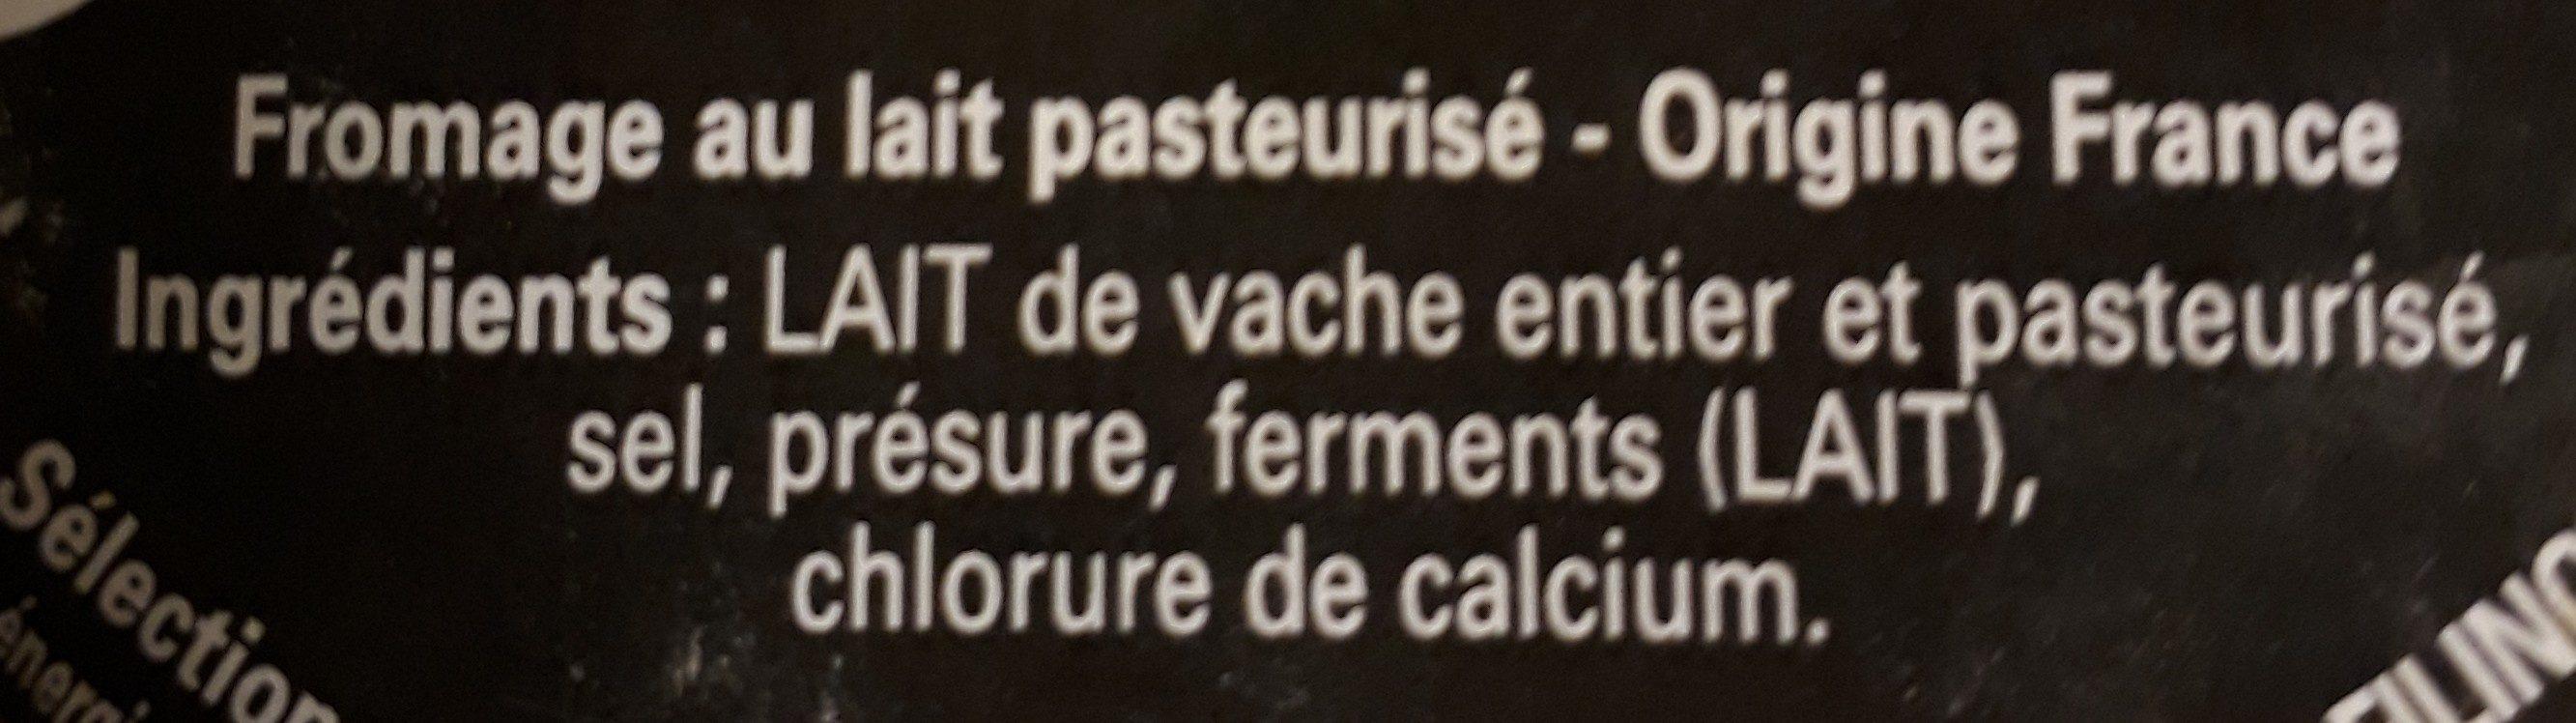 Tommettes des Alpes env 300G - Ingredients - fr